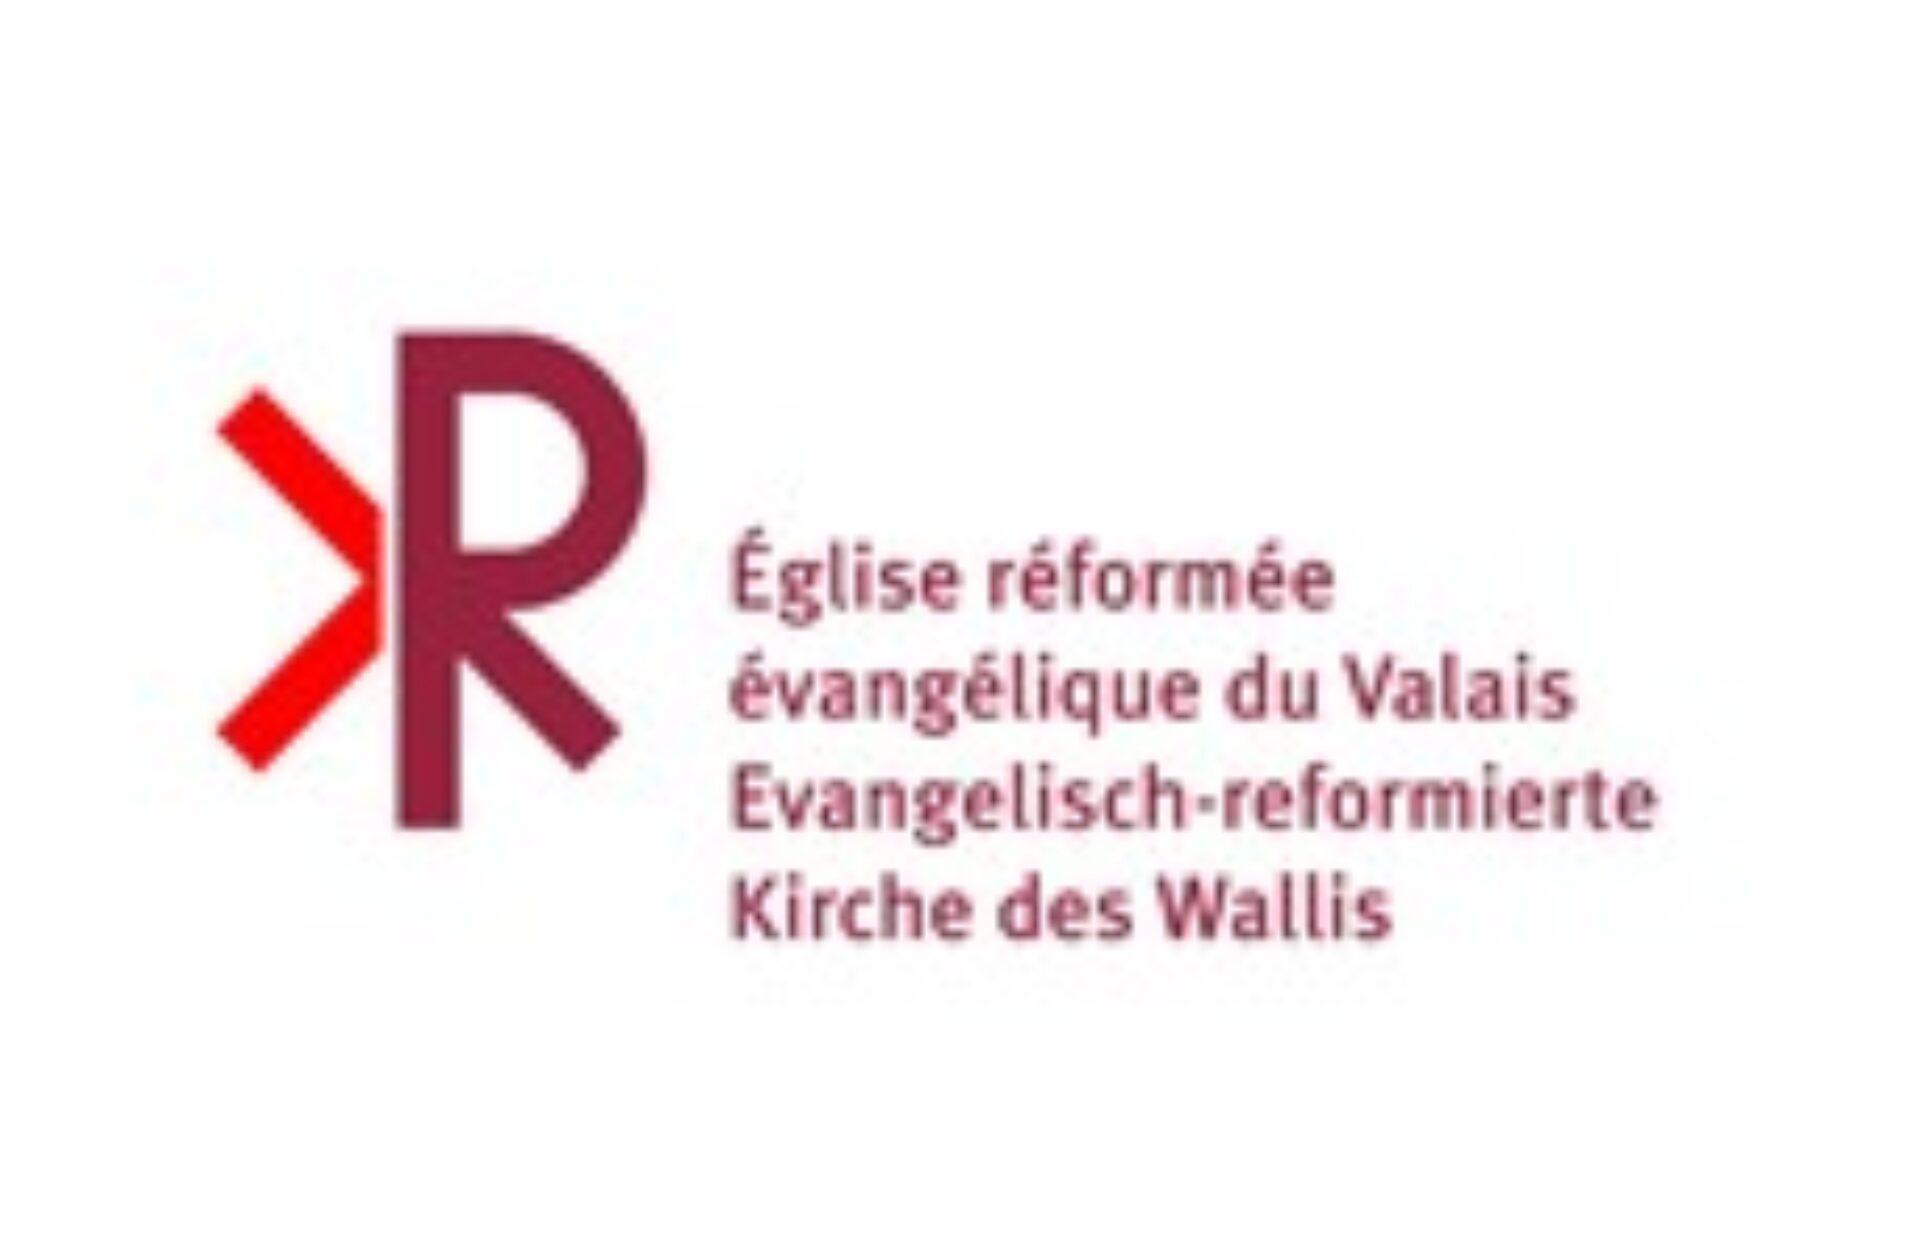 Evangelisch-reformierte Kirche des Wallis